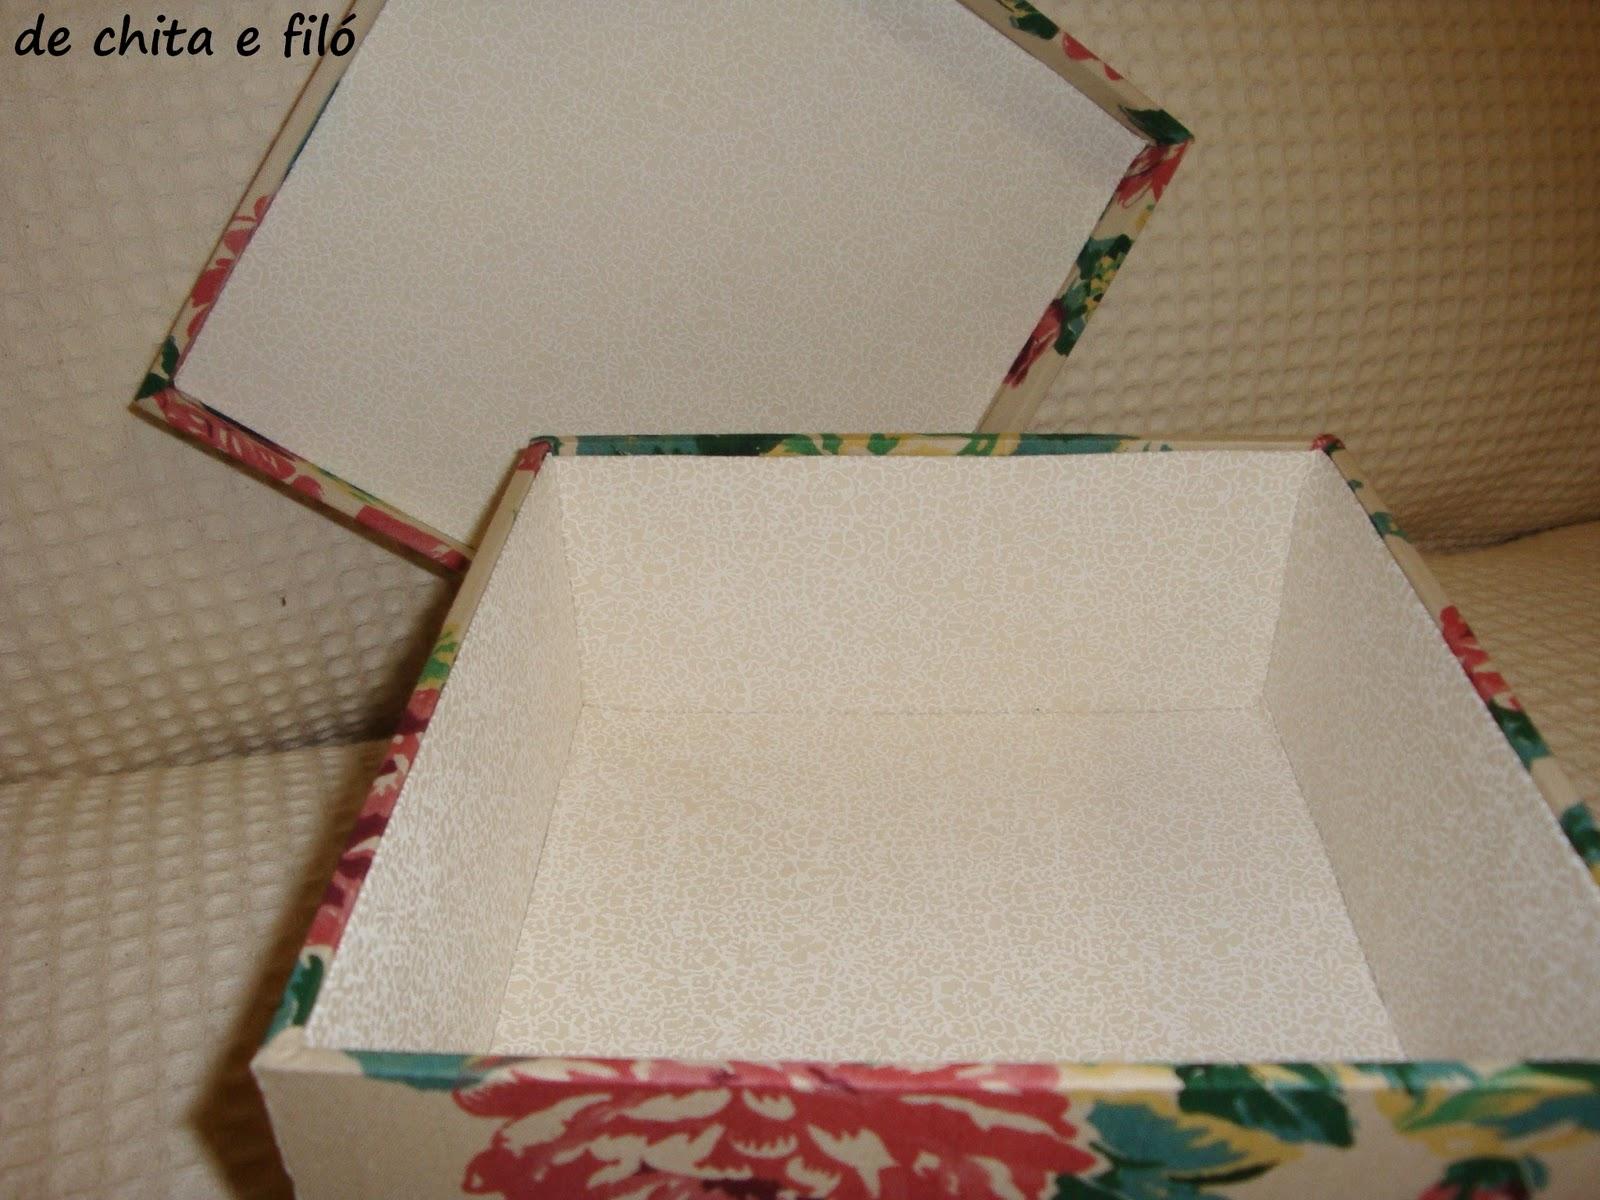 de chita e filó: Produtos novos: caixas decorativas forradas com  #6F3F2B 1600x1200